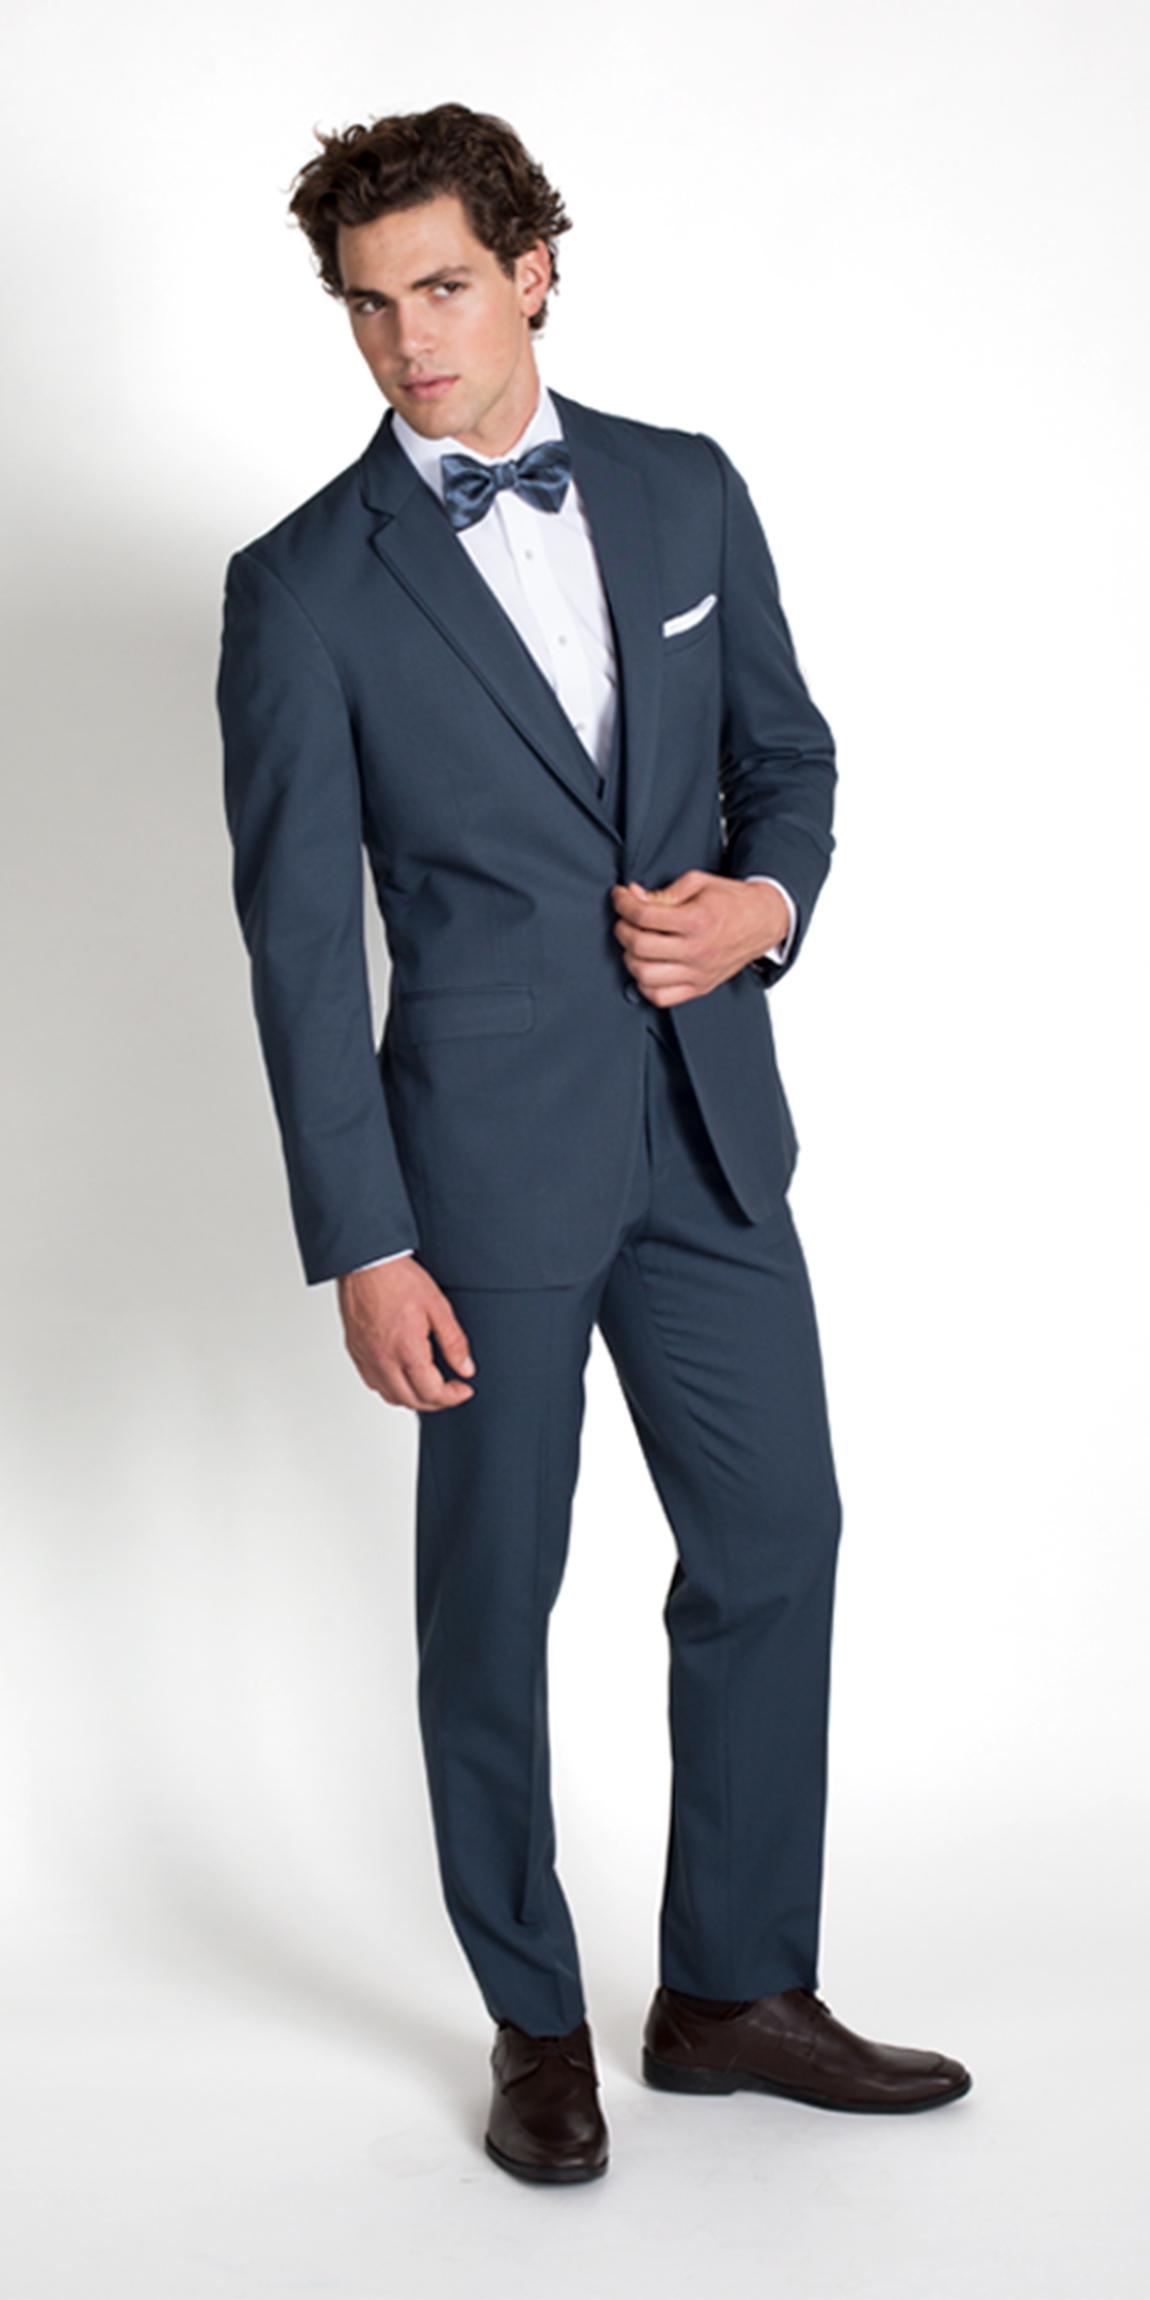 5035-AllureMen-slate-blue-suit-notch-lapel-5-zoom.jpg